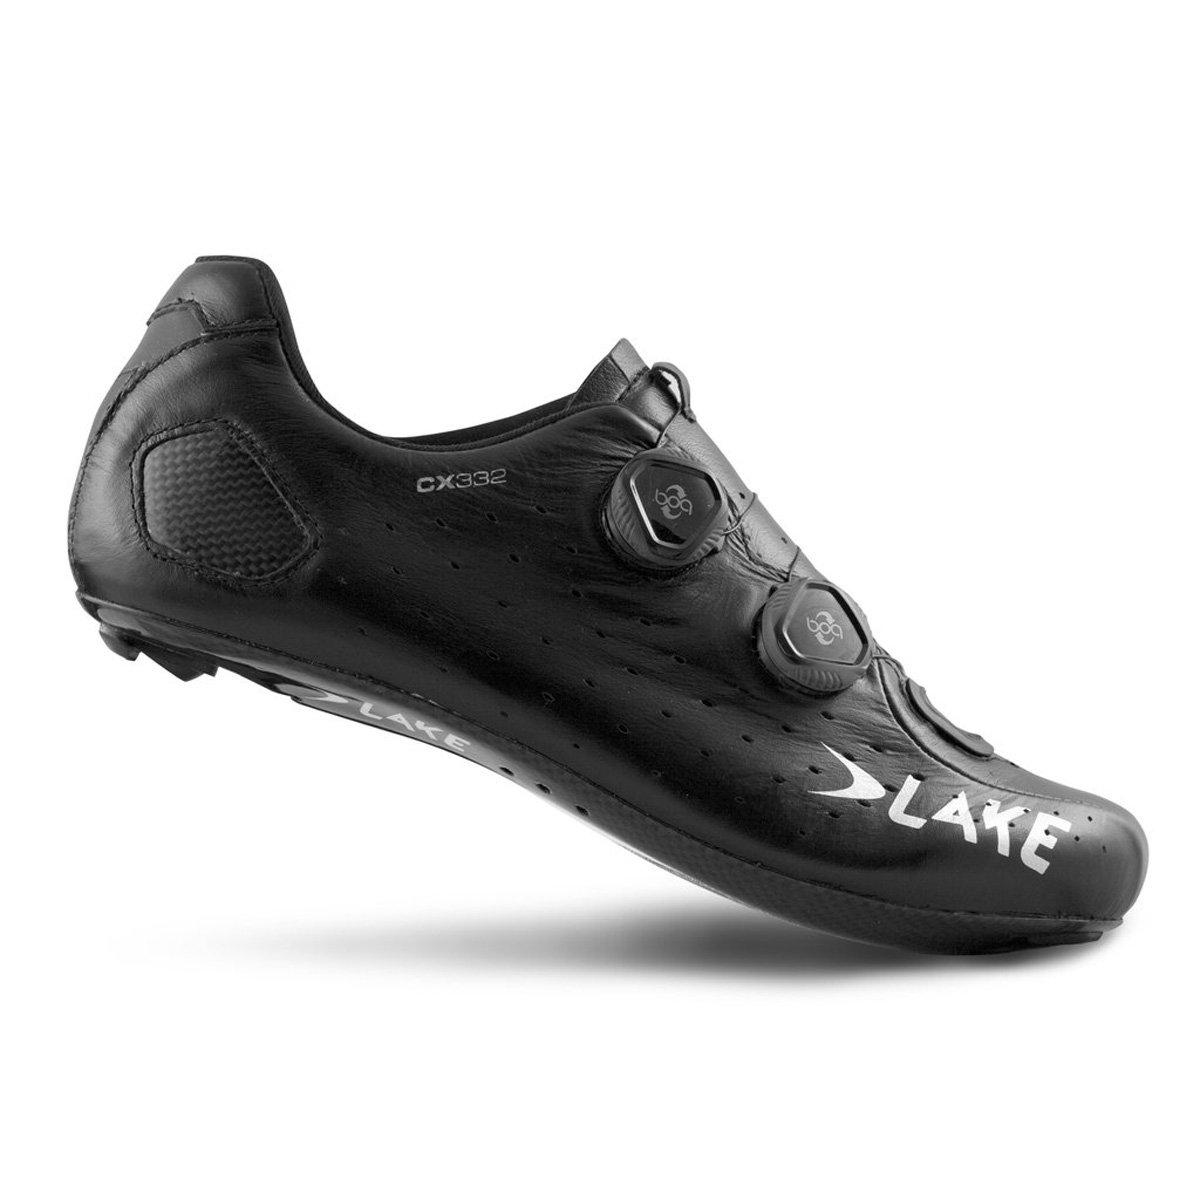 湖Cycling 2017メンズcx332 Road Cycling Shoe – ホワイト B06XNTVDMJ  ブラック/シルバー 43.5